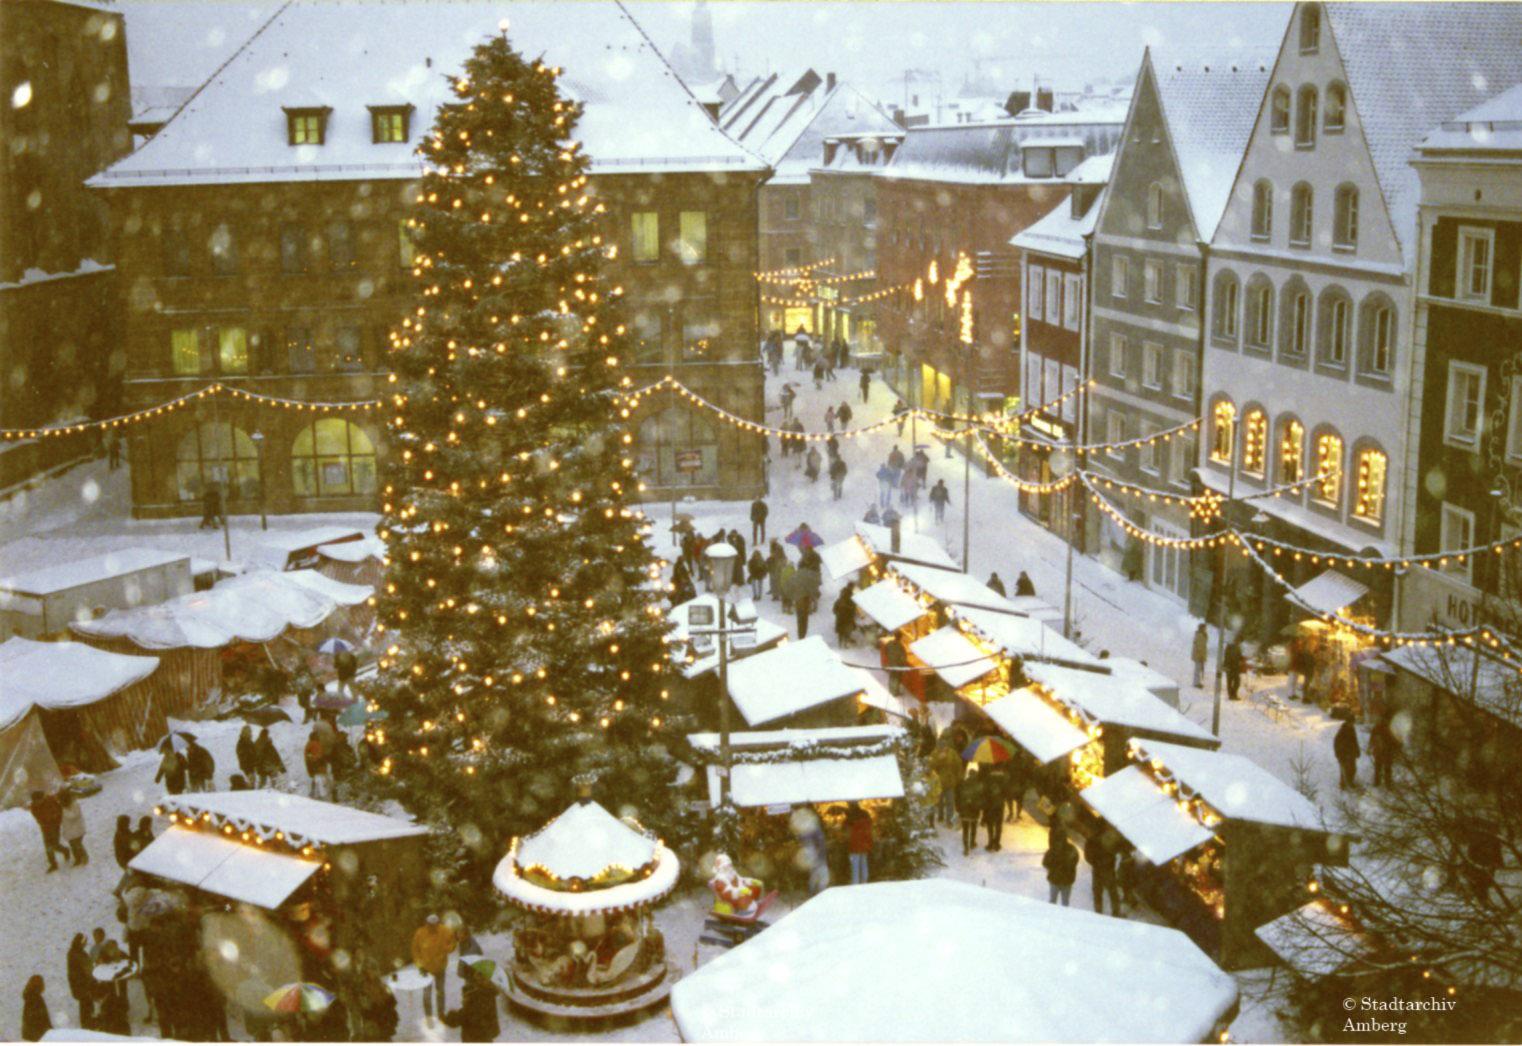 Wo Ist Heute Ein Weihnachtsmarkt.Heute Wird In Amberg Der 30 Weihnachtsmarkt Eröffnet Stadtarchive